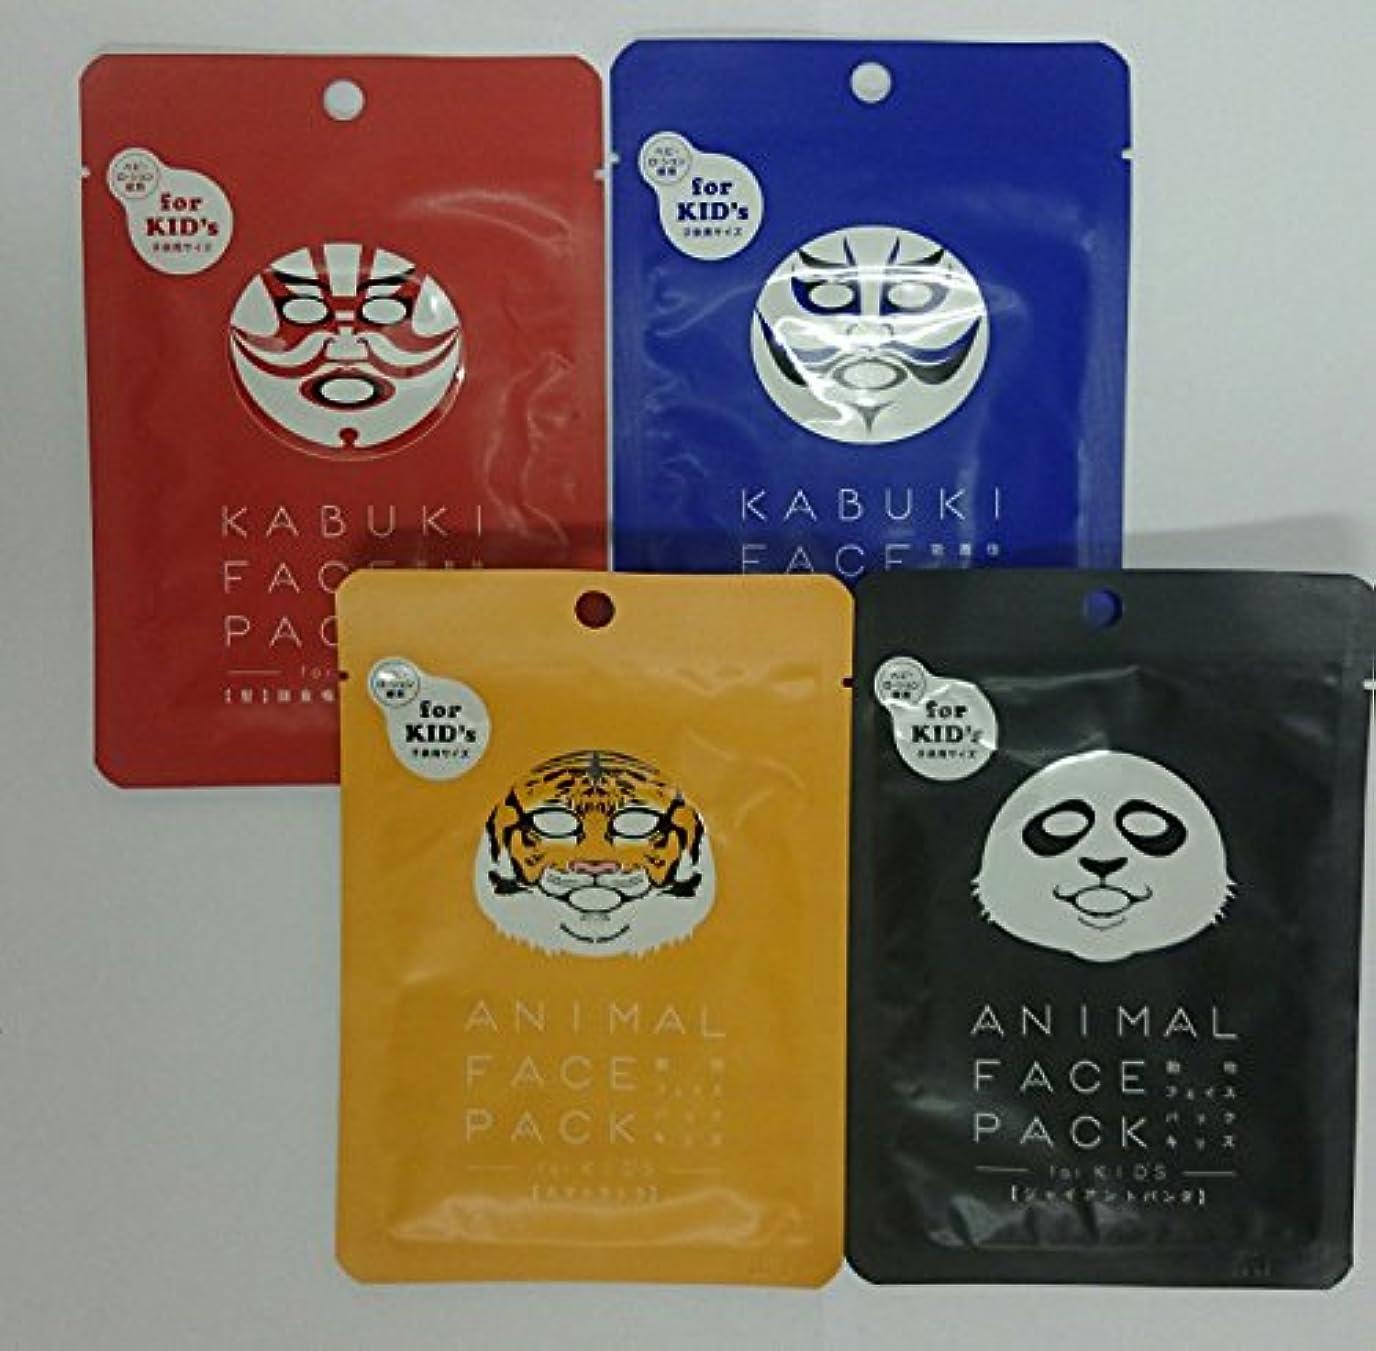 セントシャット機会歌舞伎フェイスパック 子供用 KABUKI FACE PACK For Kids パンダ トラも! ベビーローション使用 4個セット